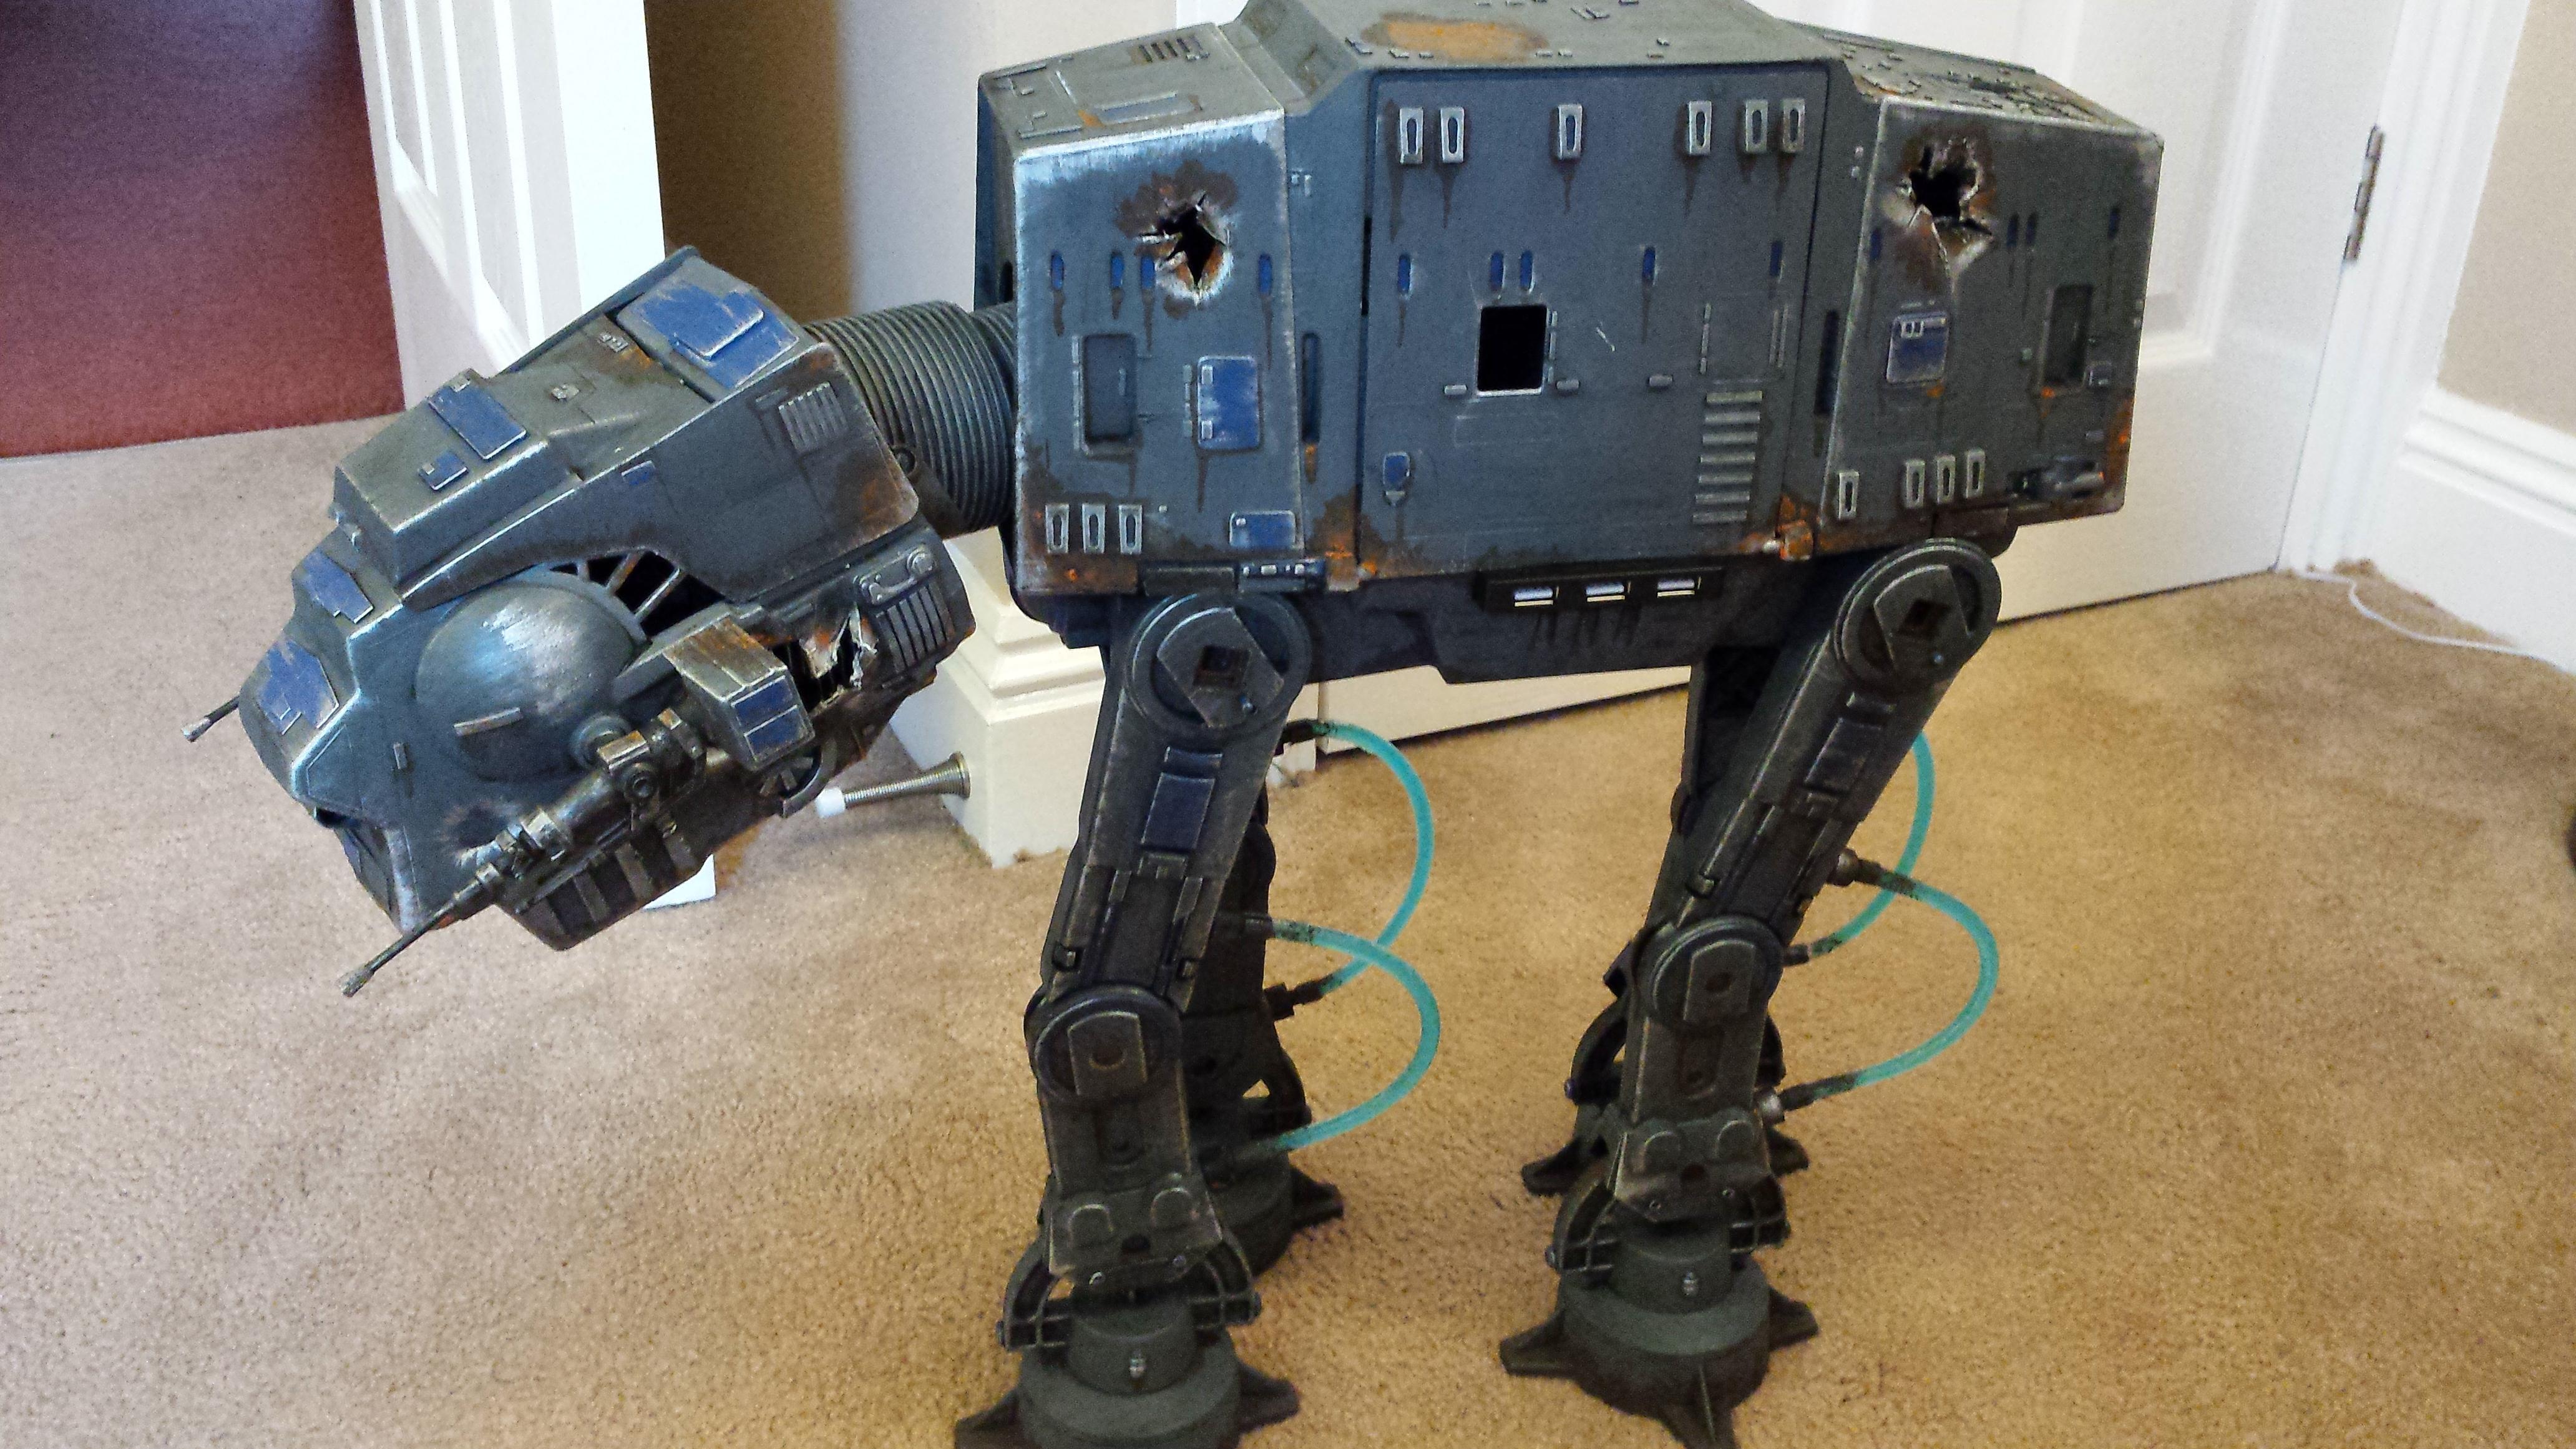 AT-AT, Star Wars, Toy